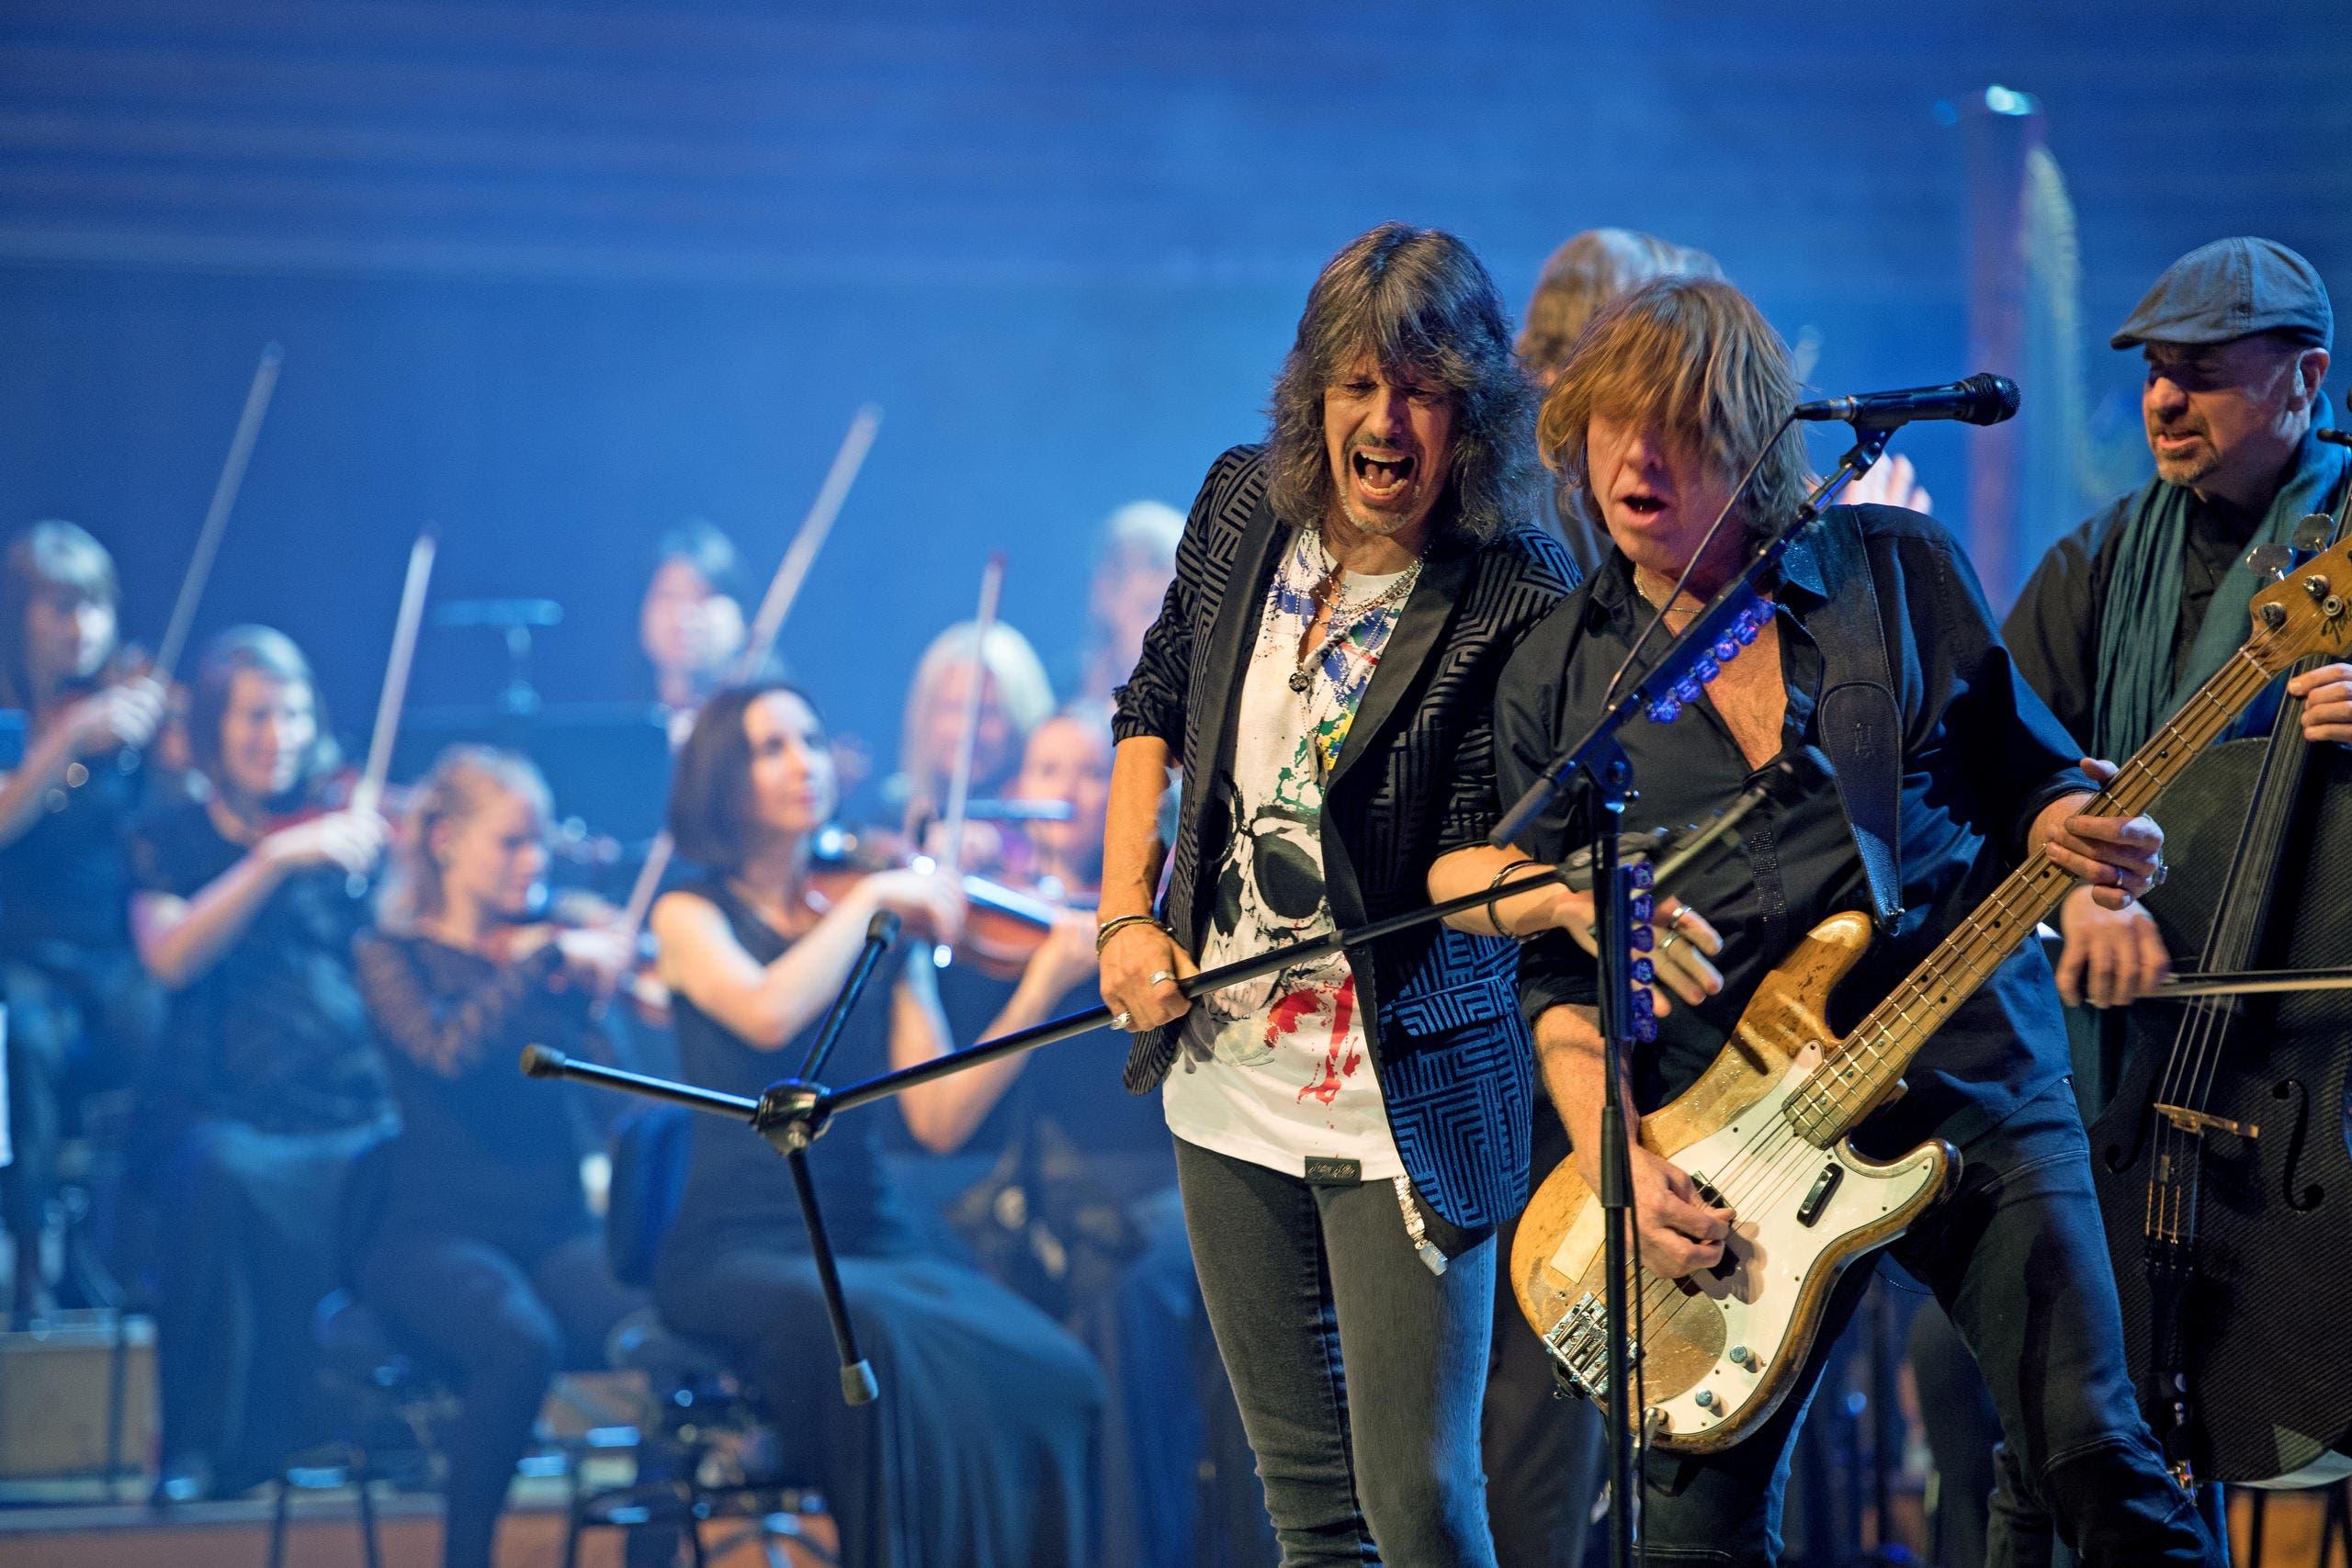 Das Konzert von Foreigner mit dem 21st Century Orchestra am Samstag im KKL in Luzern. (Bild: Corinne Glanzmann)